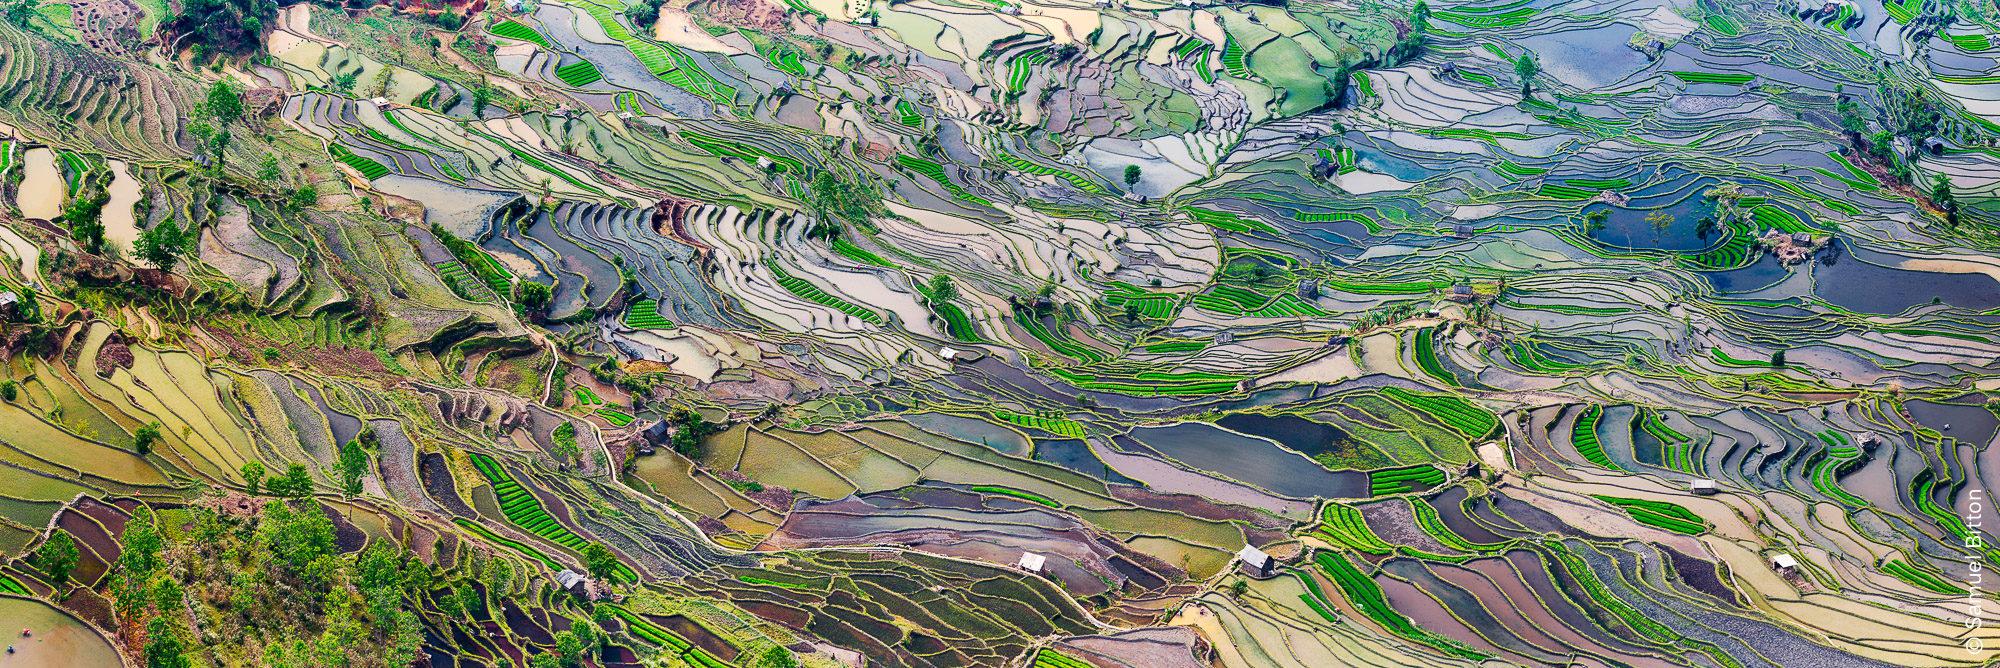 Rizières / Rice Fields